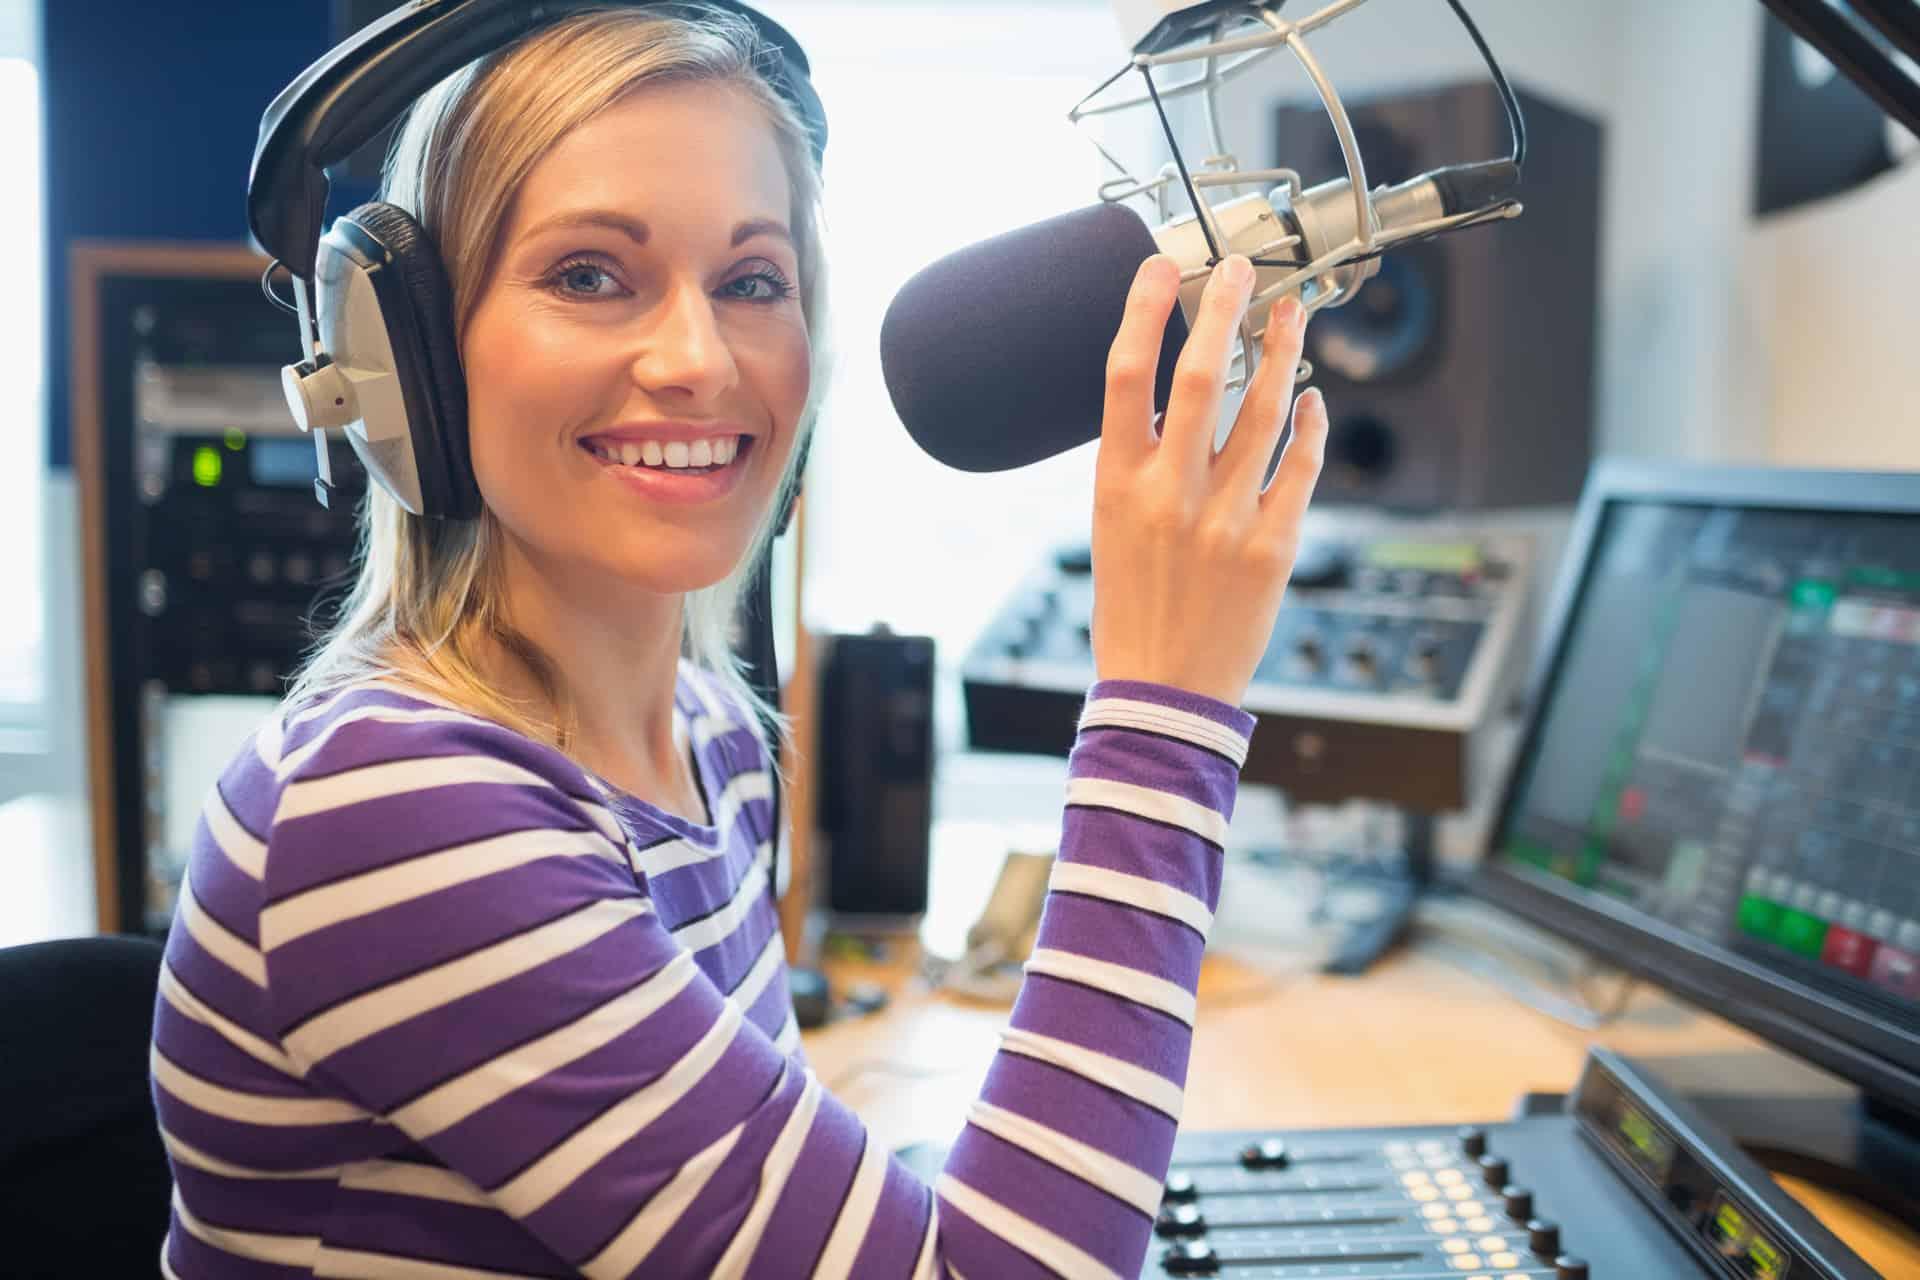 upoznavanje radio emisije dating scan hemel hempstead